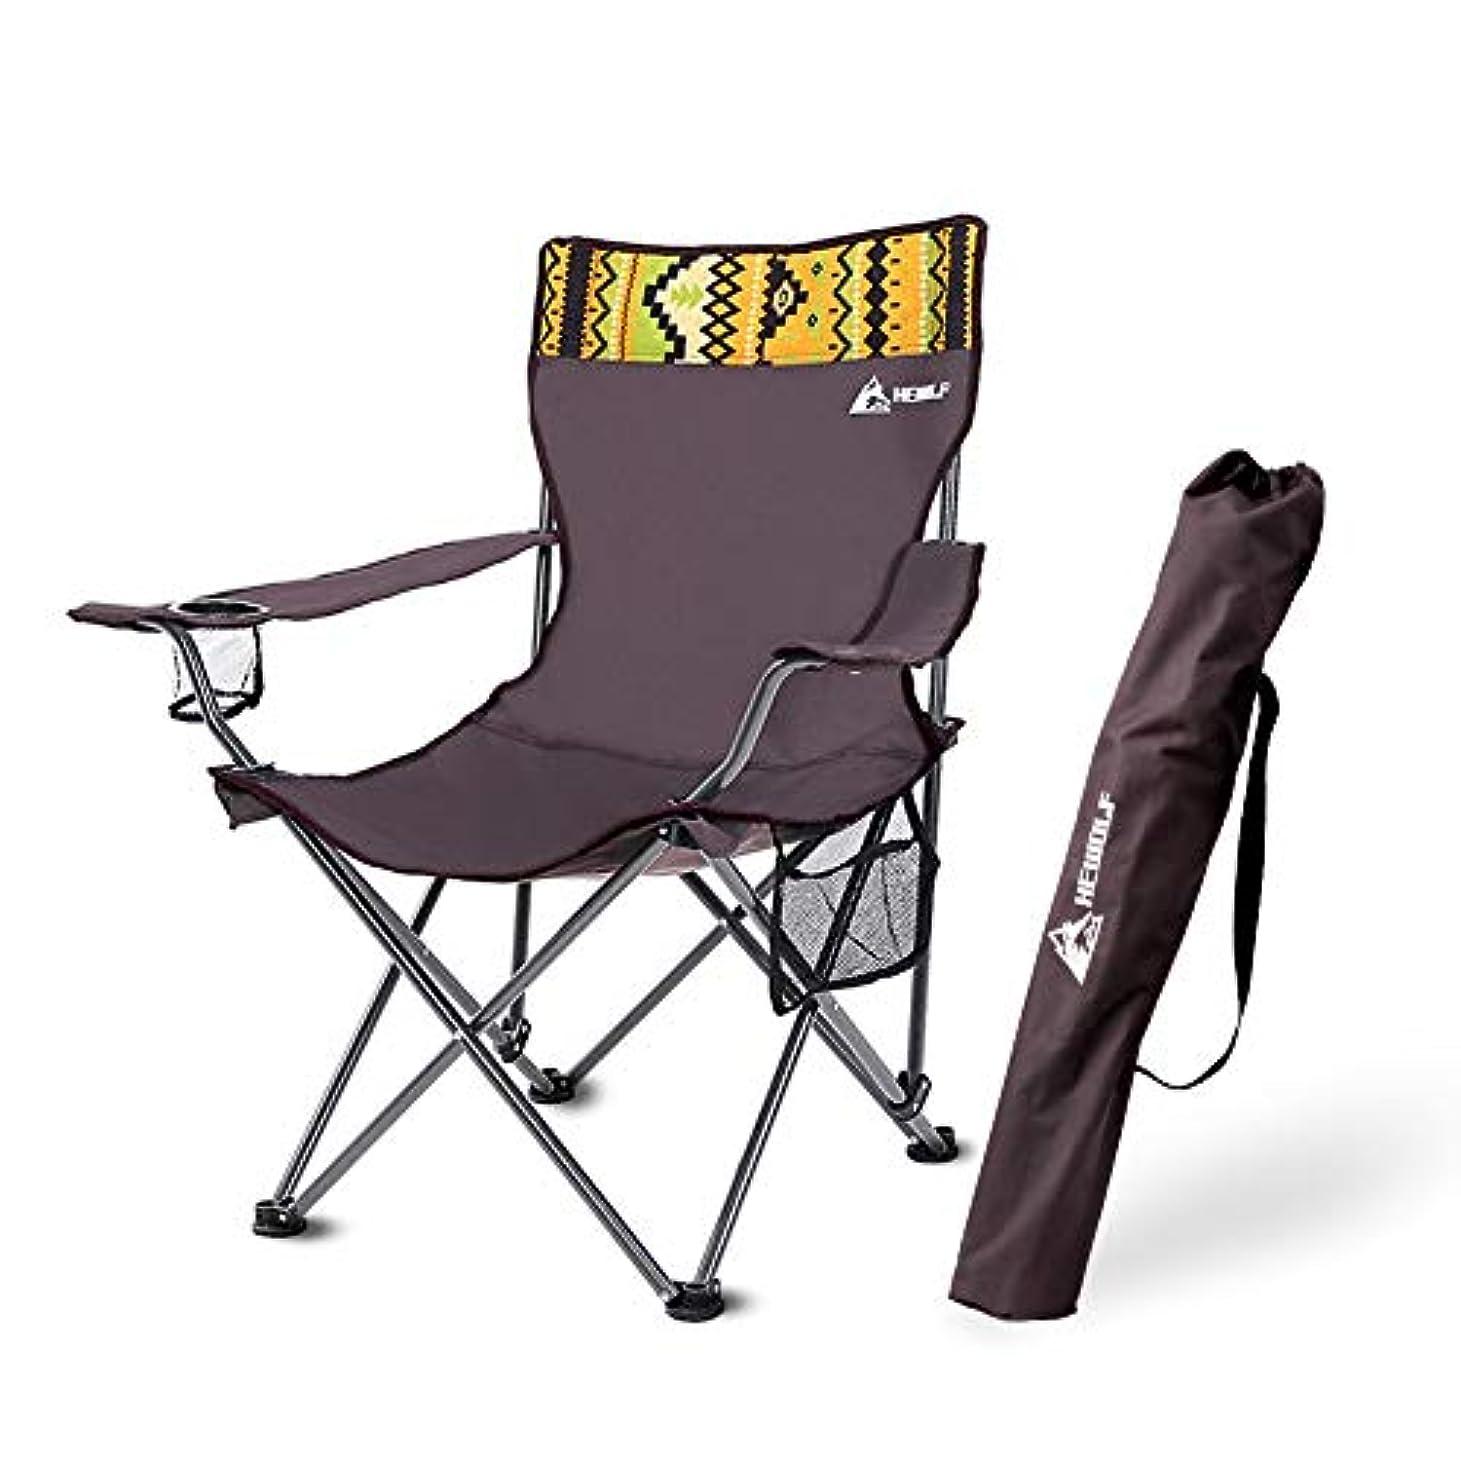 余韻花嫁無人キャンプ 椅子 アウトドア チェア 耐荷重120kg 軽量 収納ケース付き 携帯便利 折りたたみ椅子 コンパクト キャンプ お釣り バーベキュー 登山 花火大会 運動会用